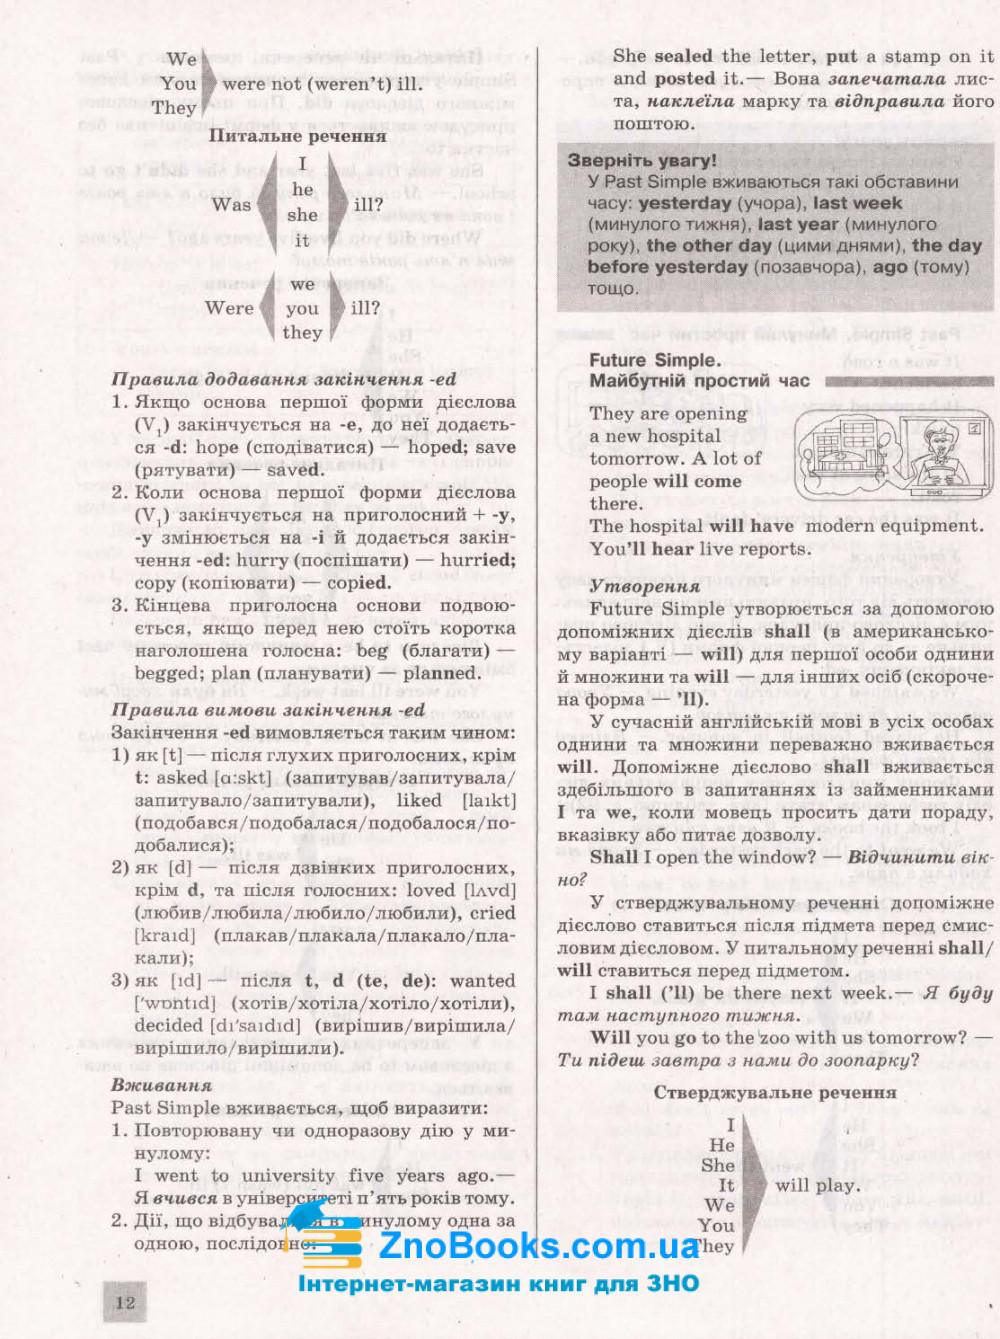 ЗНО 2020 Англійська мова. Комплексне видання: Чернишова Ю. Т. Літера. купити 11